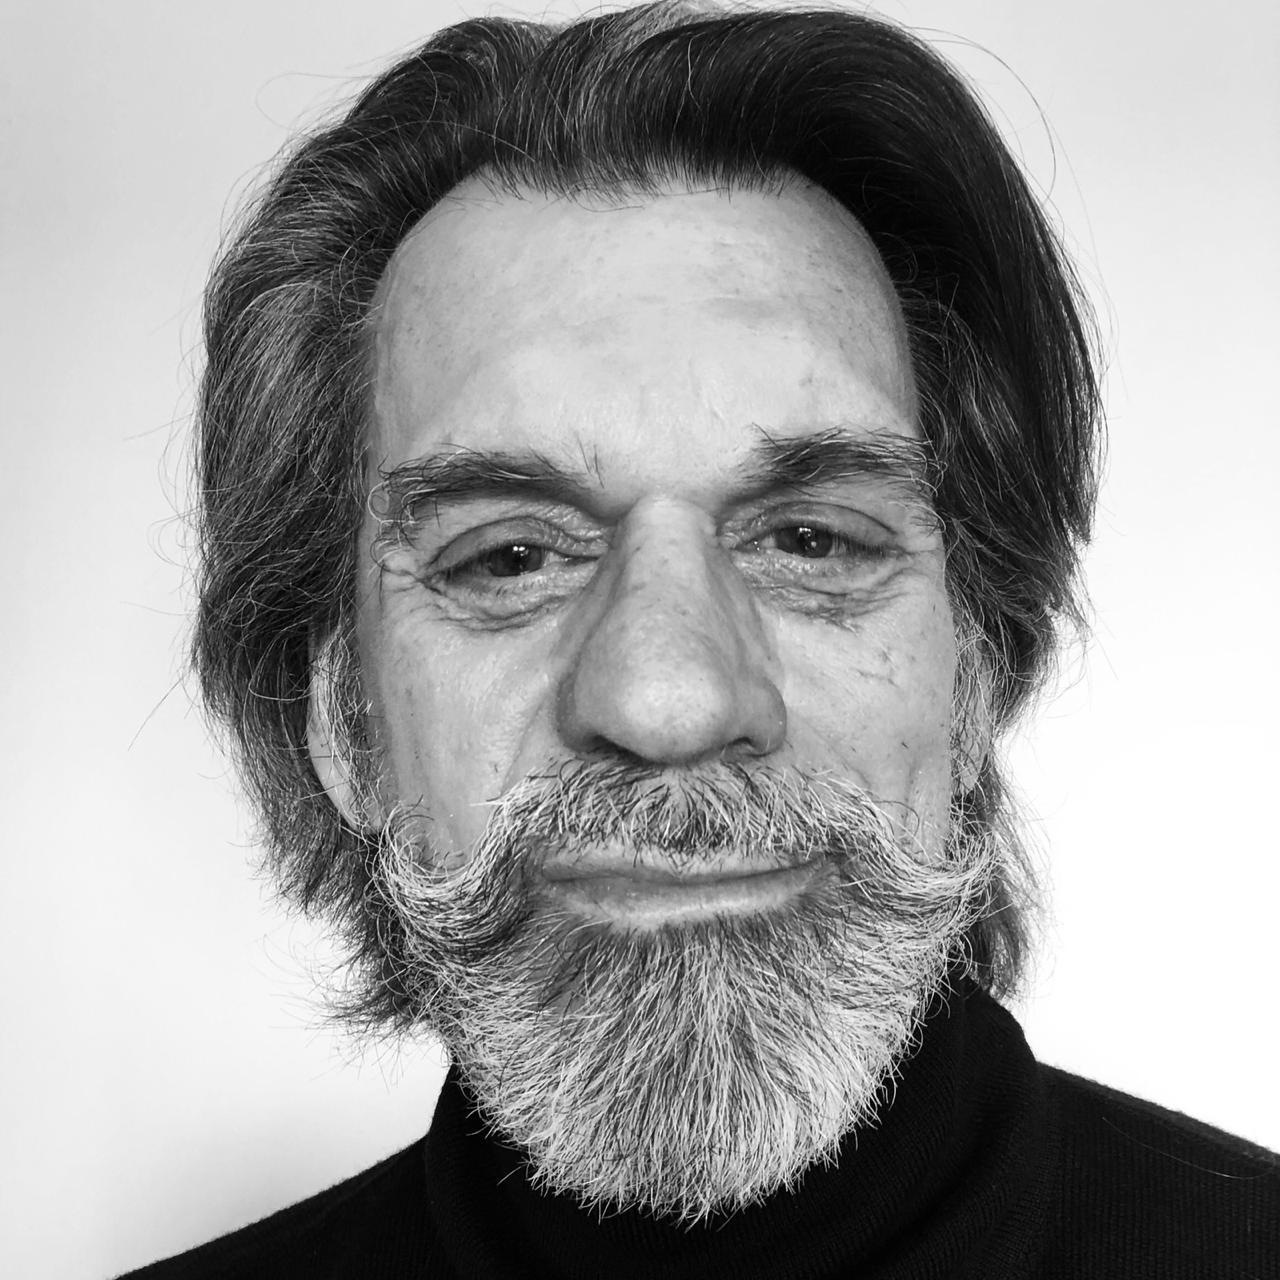 Herbert Richers Jr